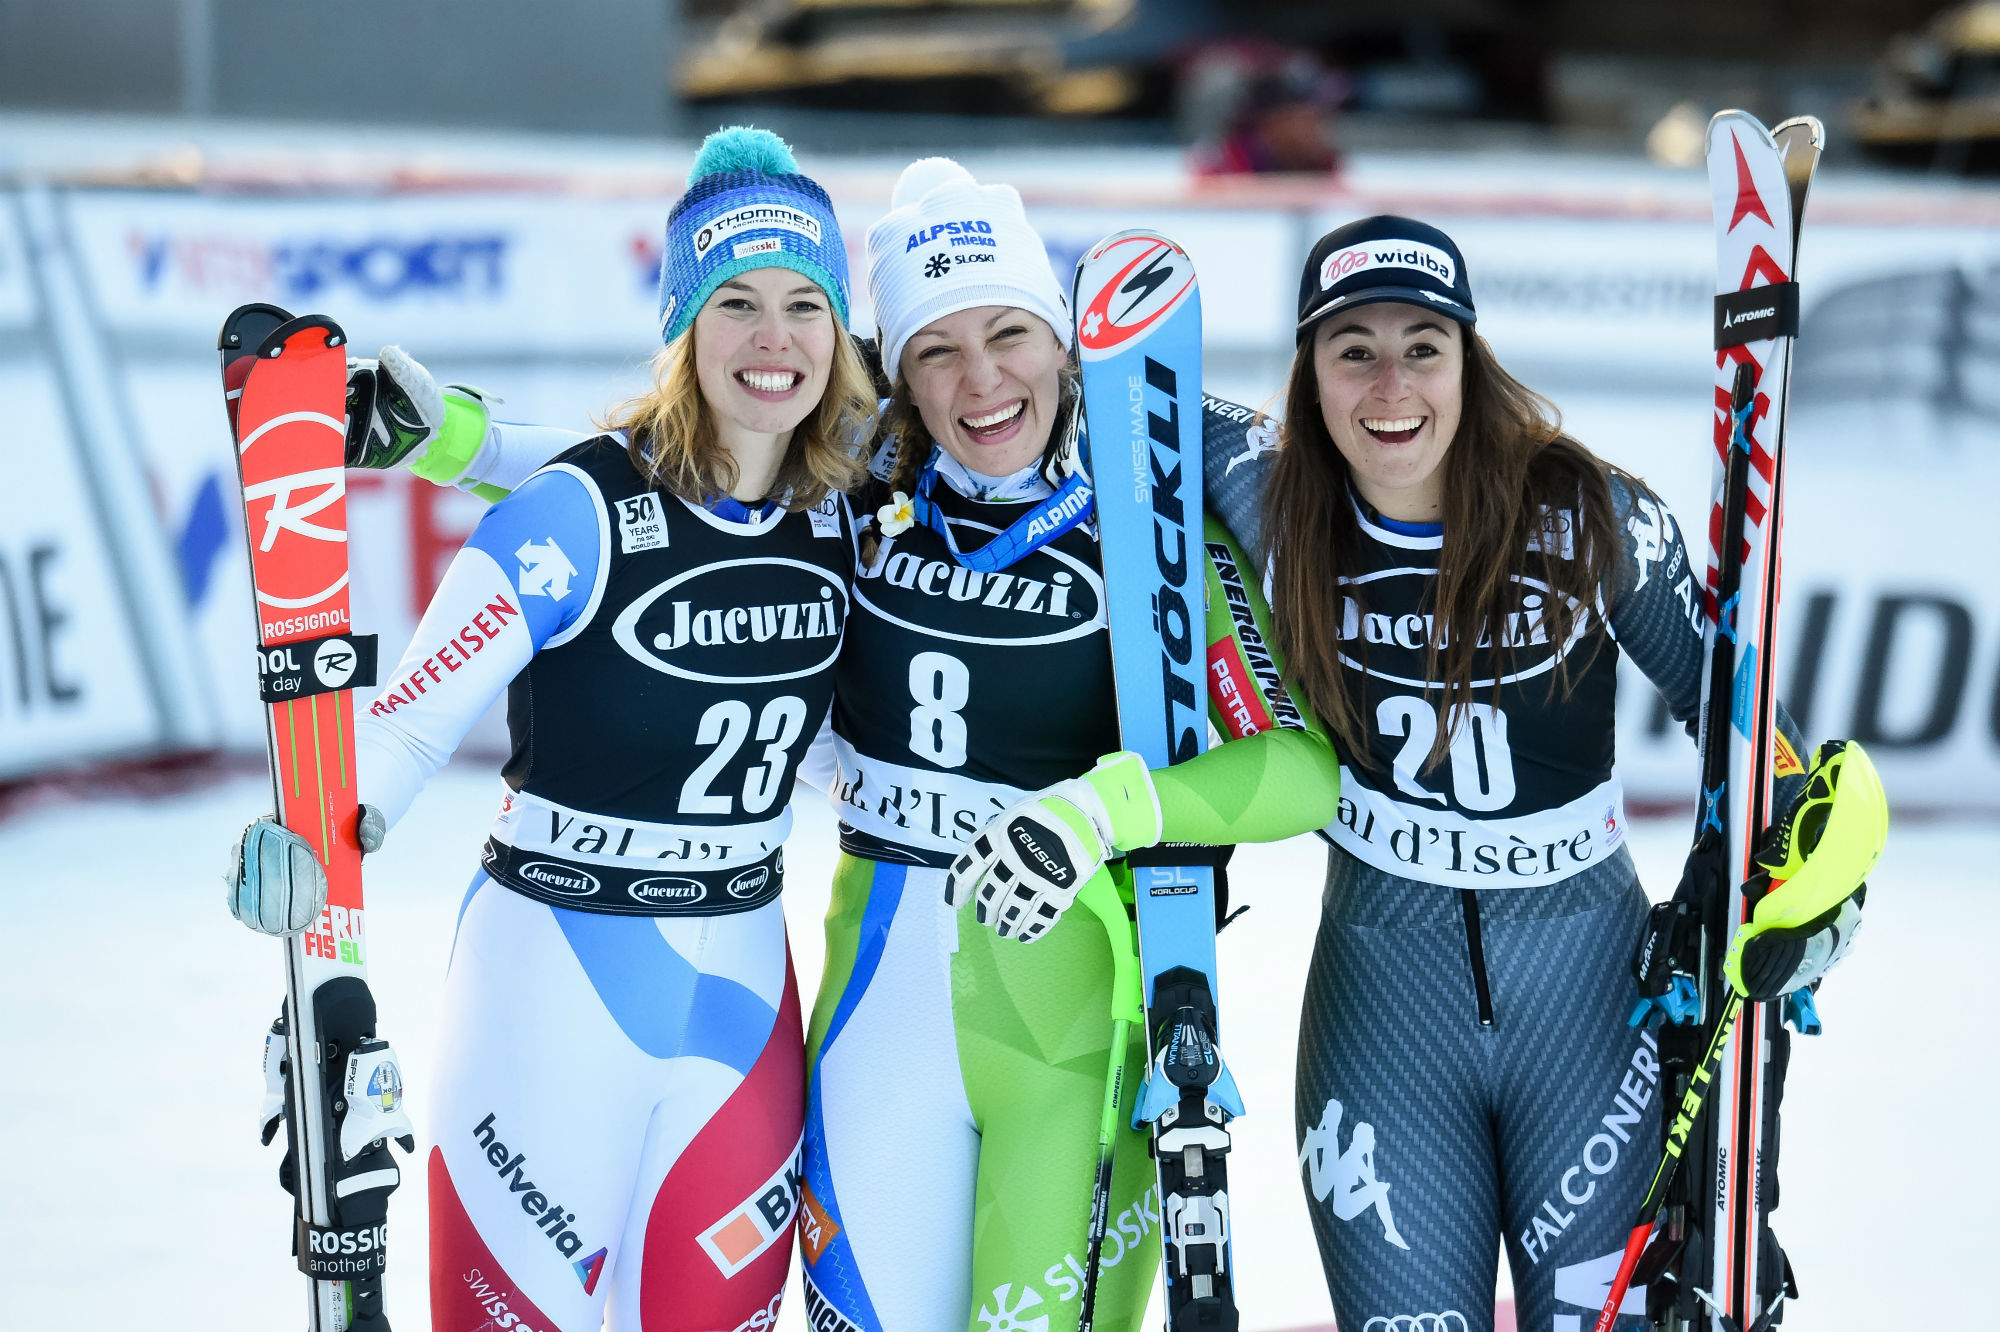 Da sinistra: Michelle Gisin, Ilka Stuhec, Sofia Goggia. Il podio in combinata in Val d'Isere (@Zoom agence)